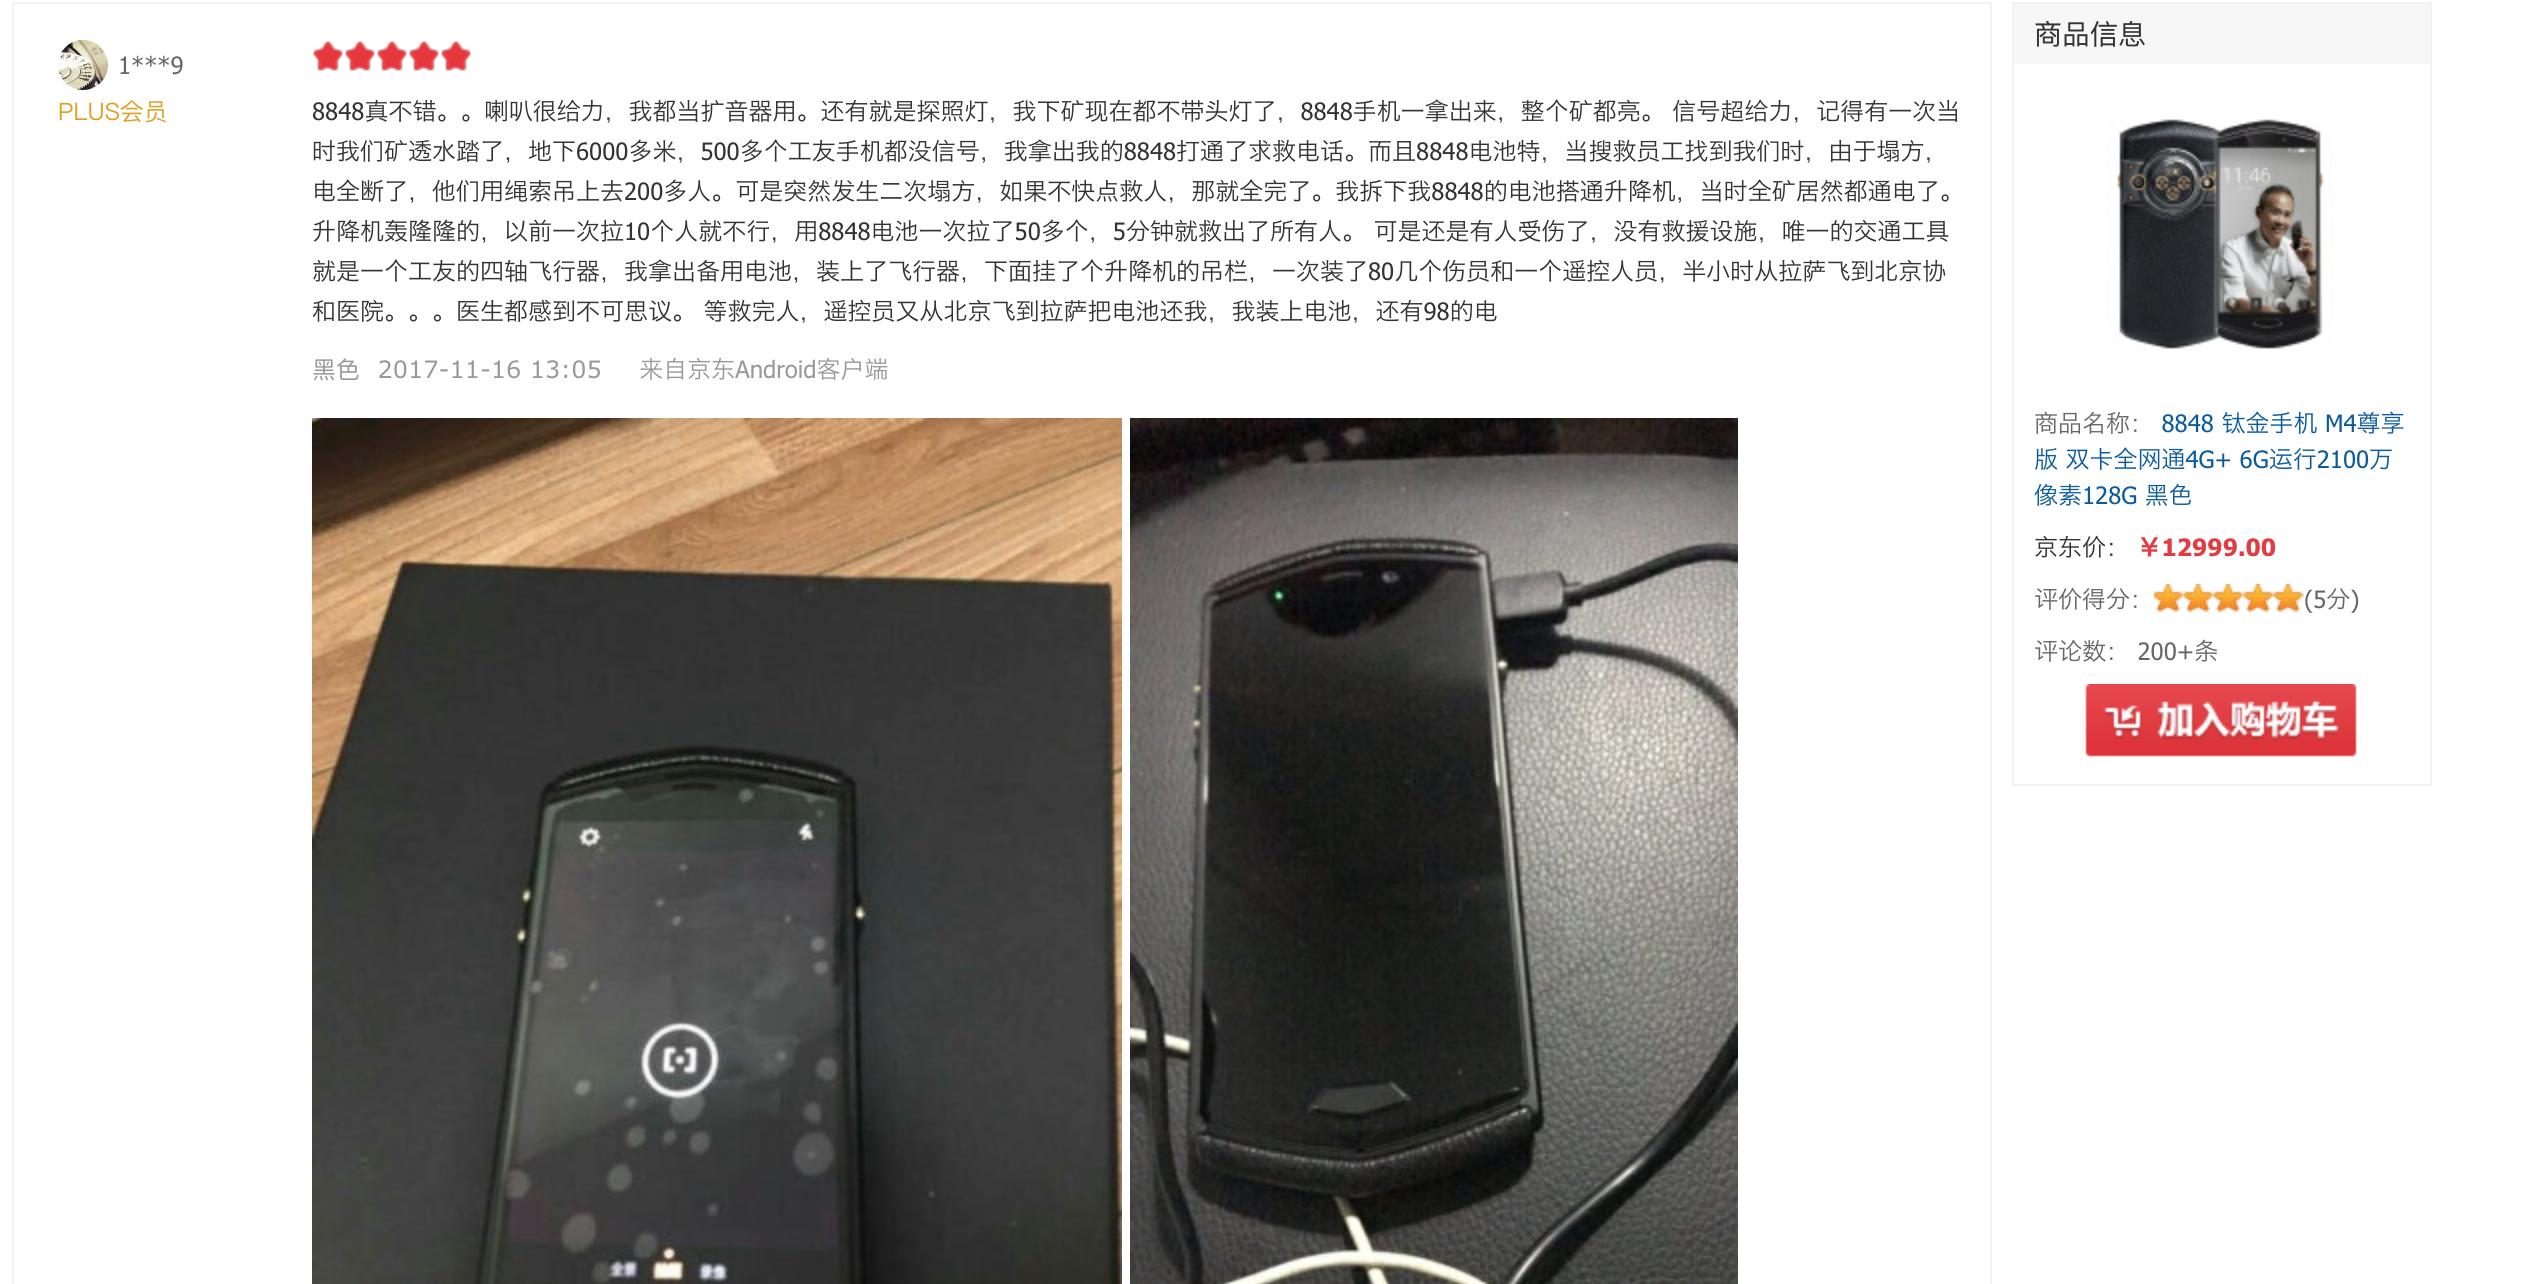 8848手机的京东评论亮了!